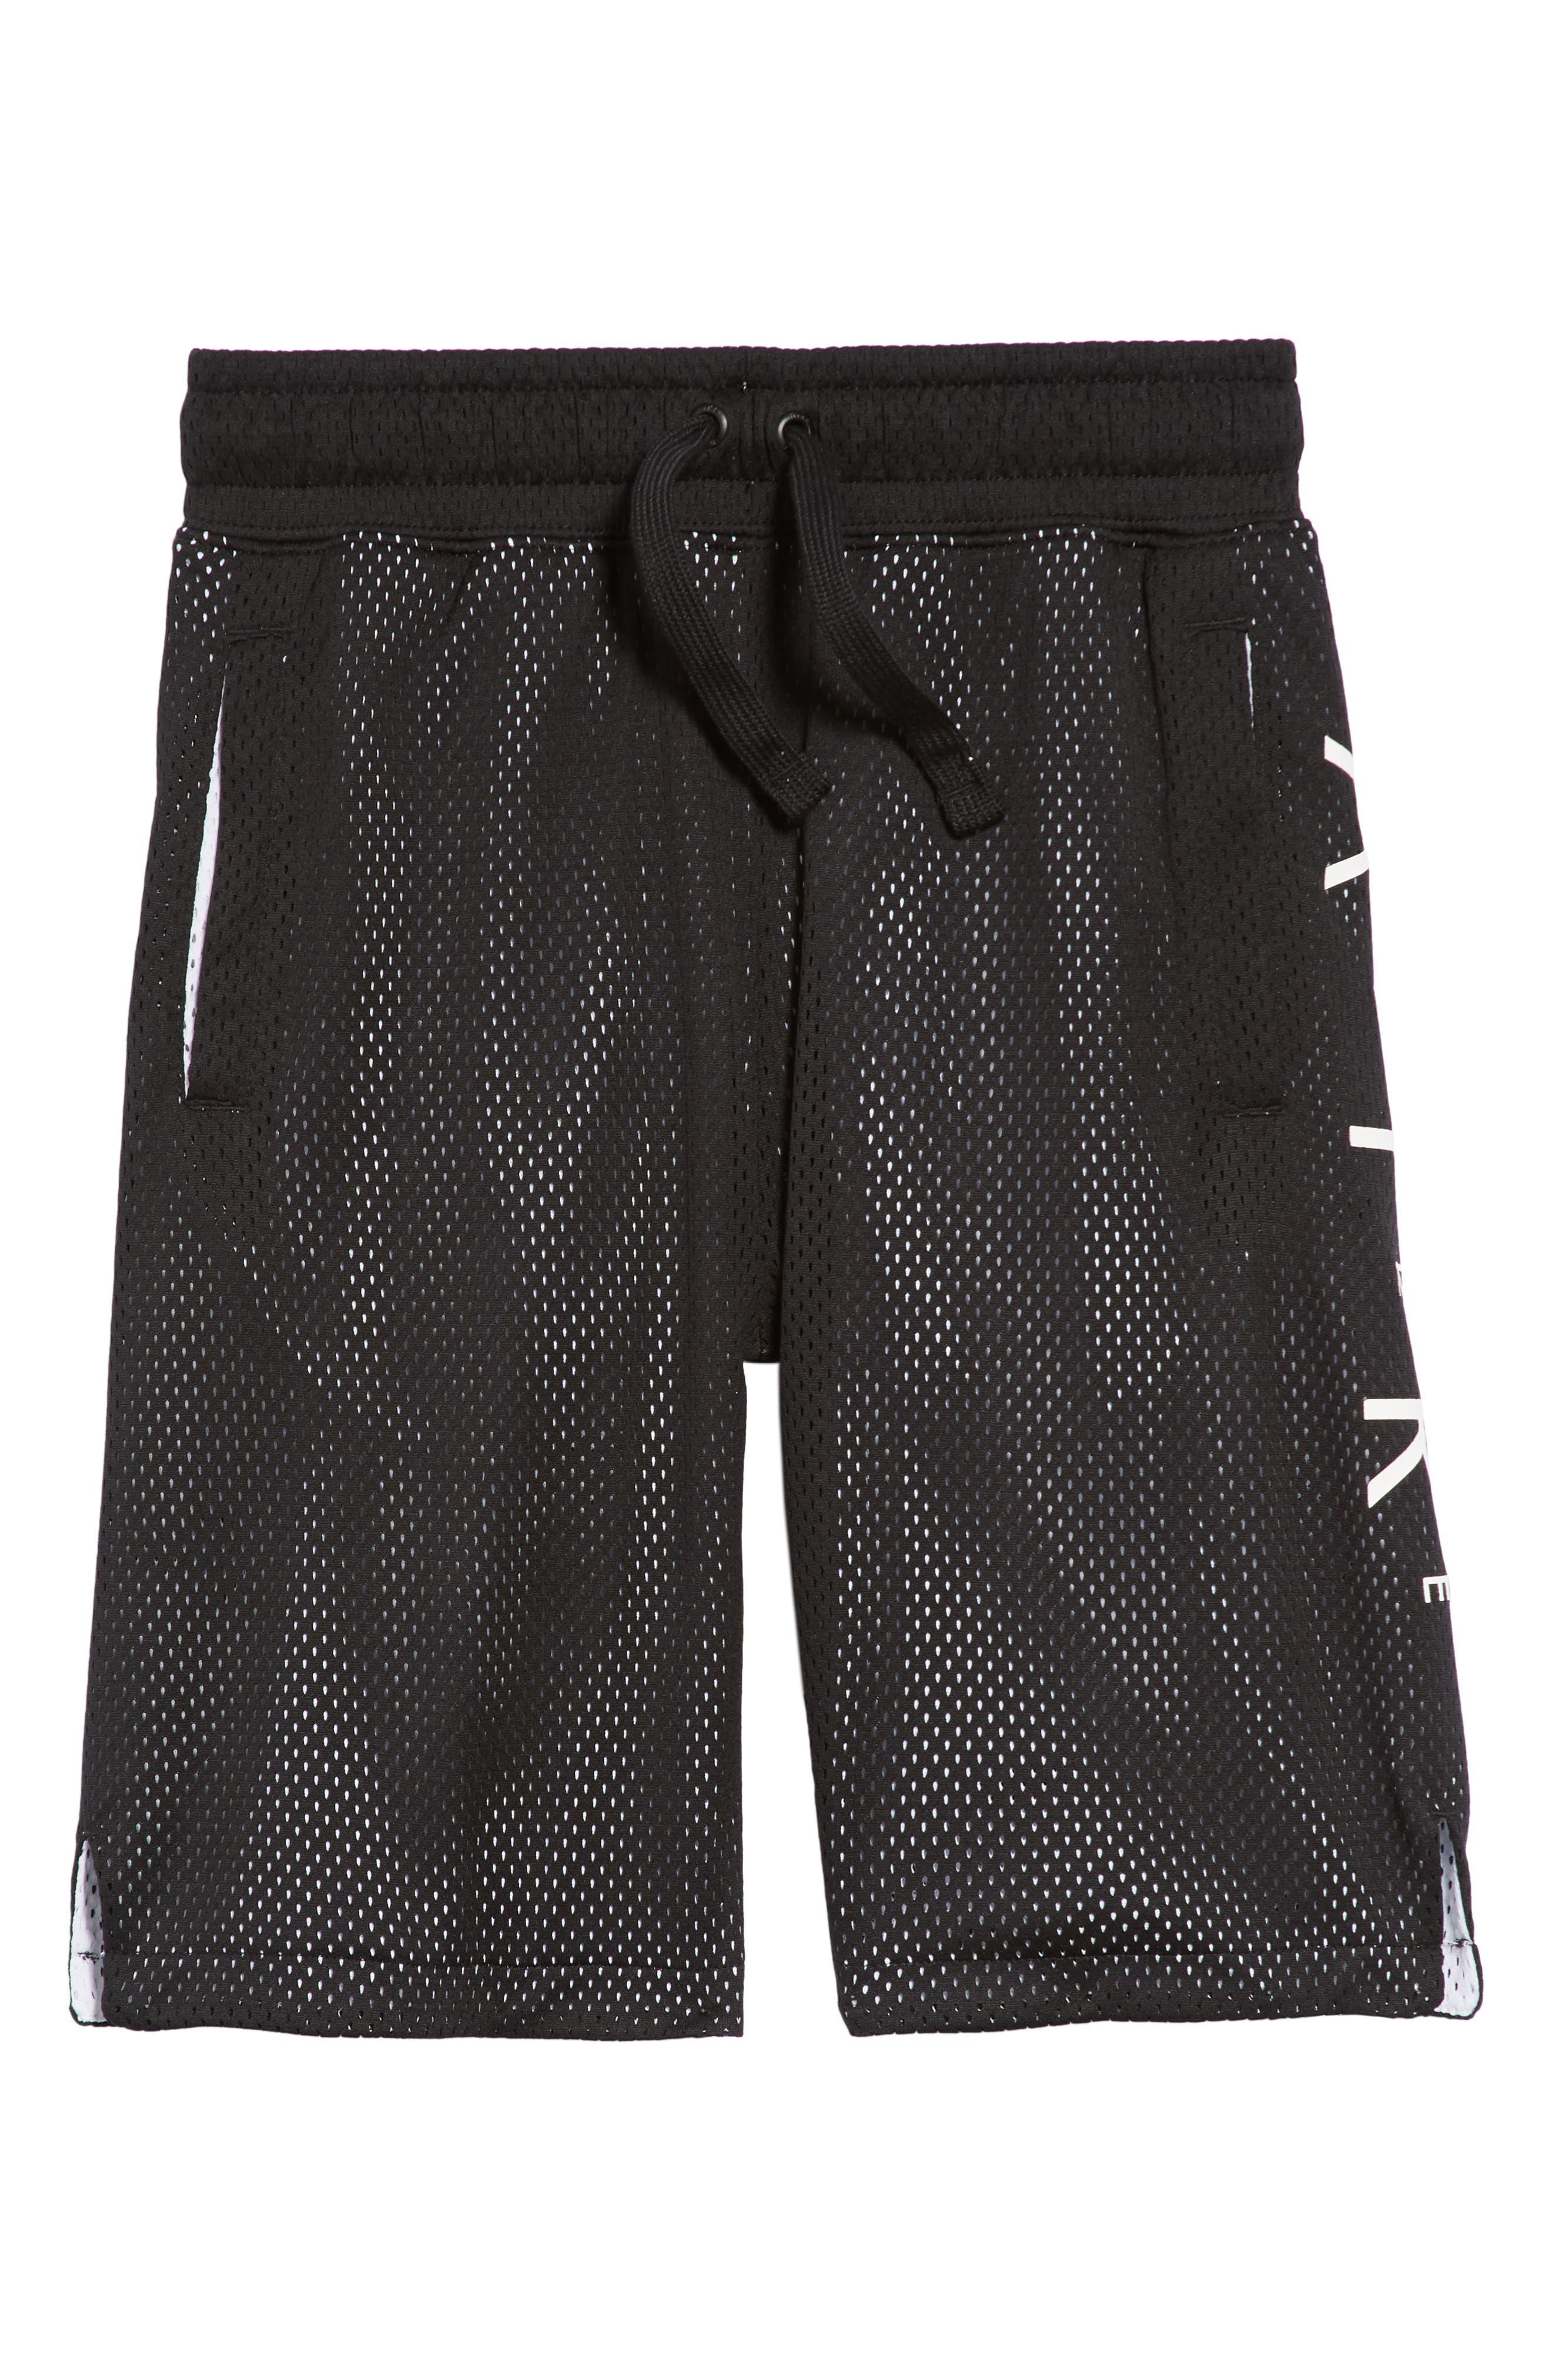 Sportswear Air Knit Shorts,                             Main thumbnail 1, color,                             010